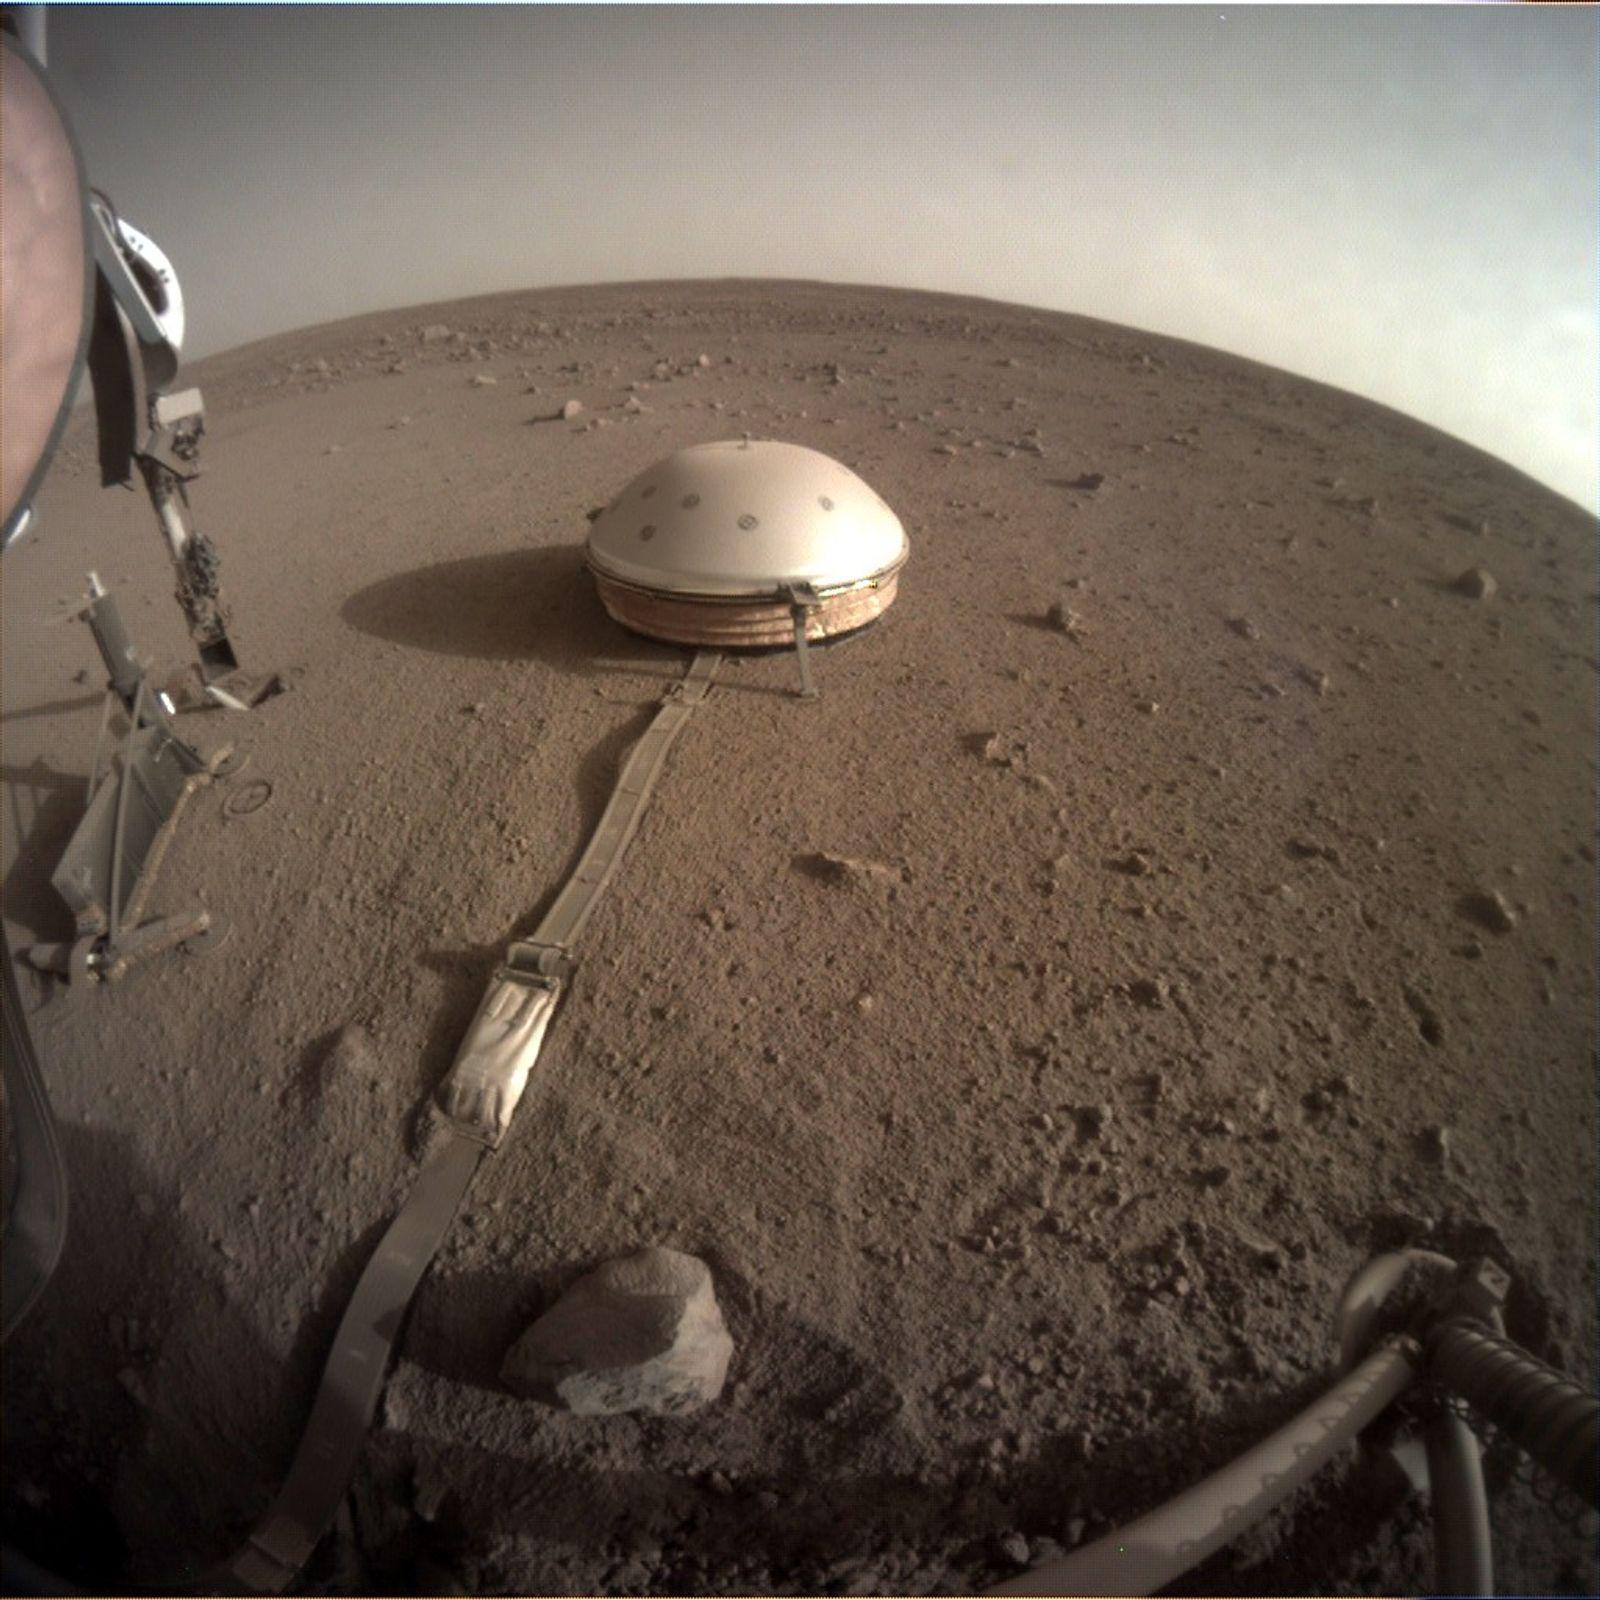 Marte Emite Um Zumbido Estranho